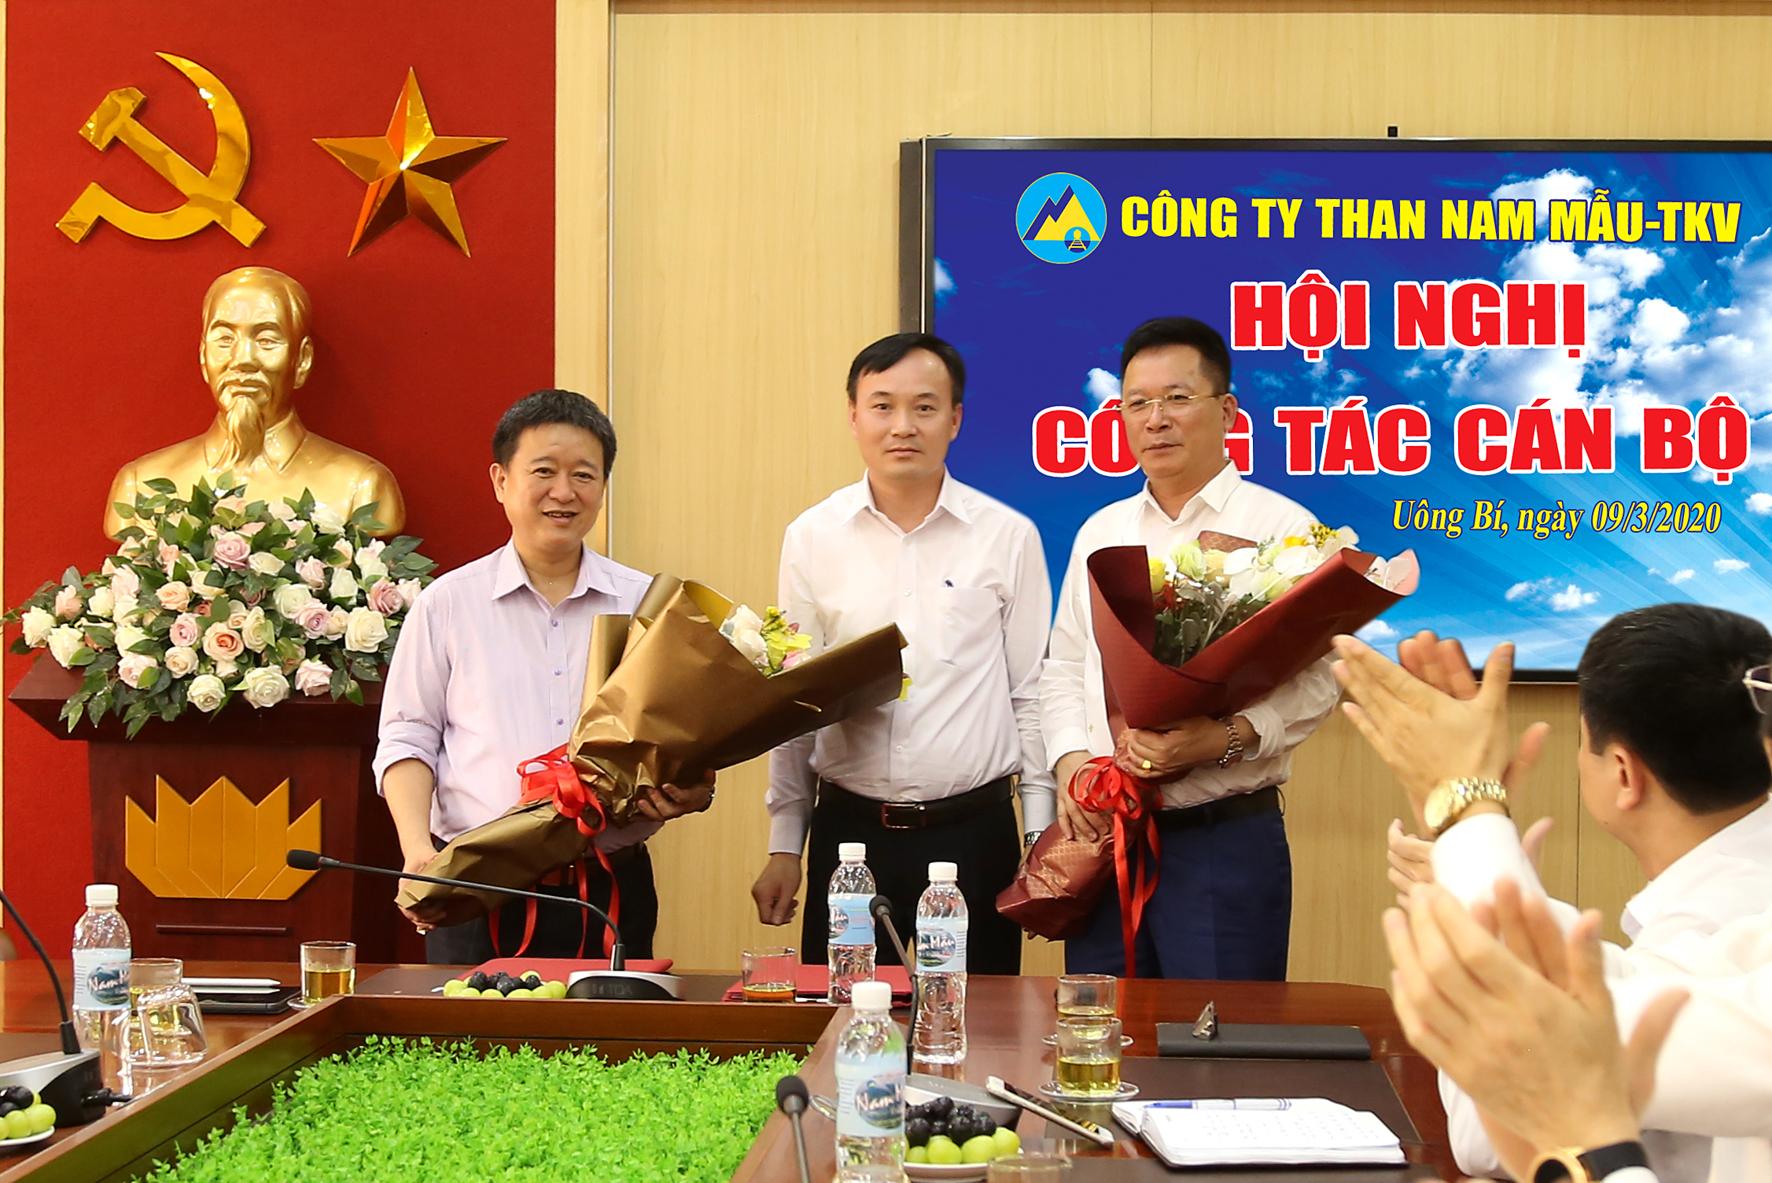 Đồng chí Nguyễn Văn Yên chính thức đảm nhận chức vụ Giám đốc công ty Than Nam Mẫu từ ngày 10/3/2020 (1)